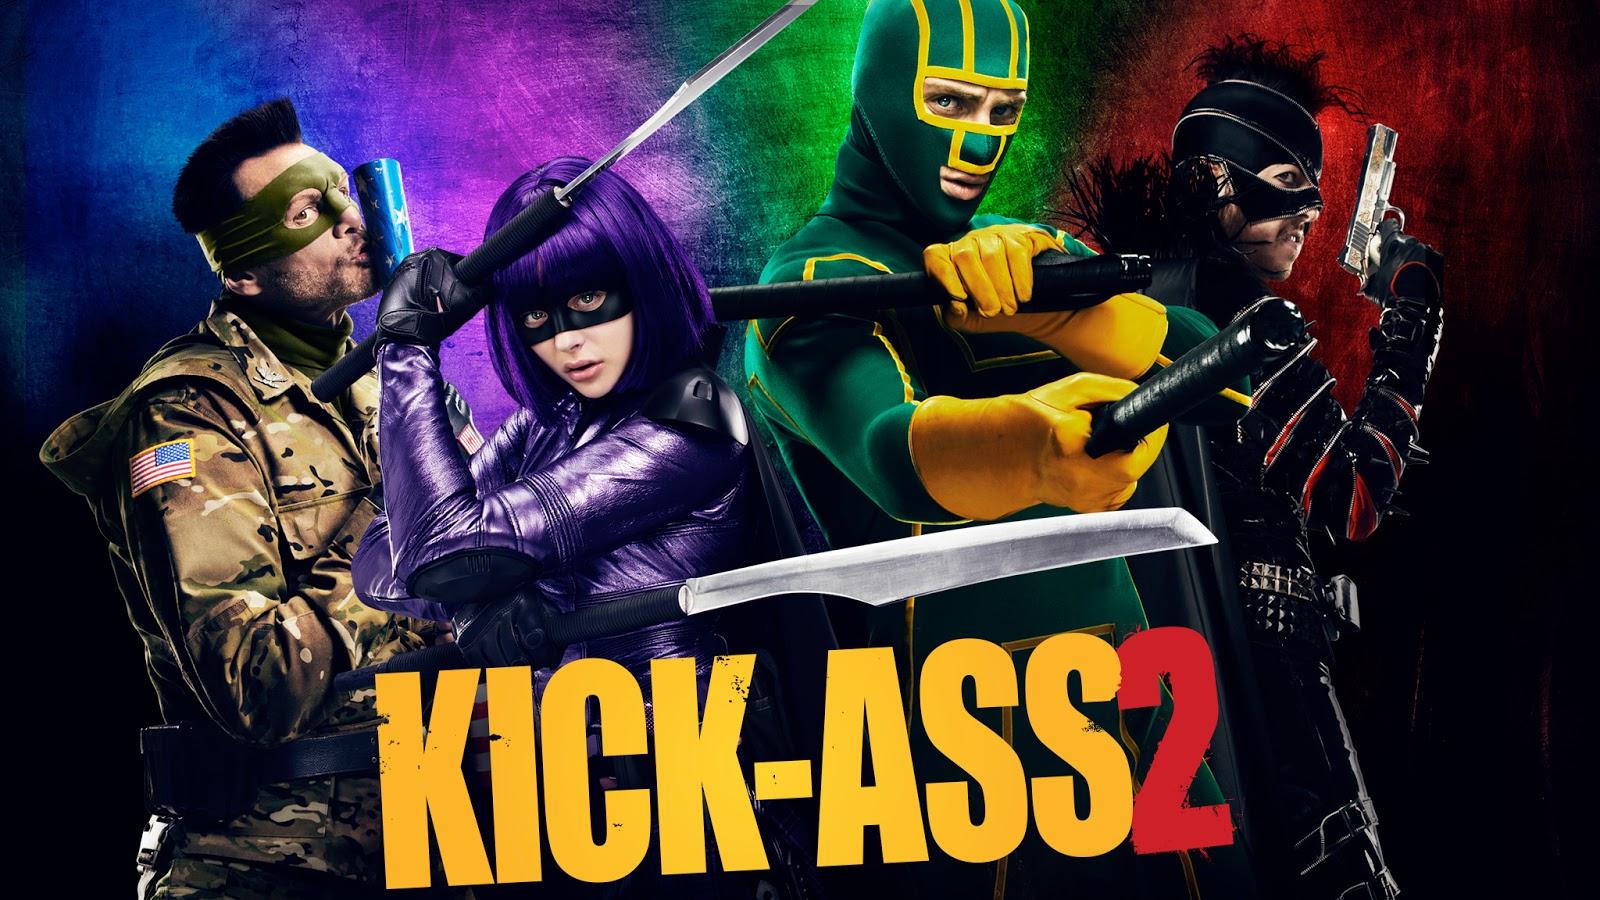 KICK ASS 2 (2013) MOVIE TAMIL DUBBED HD